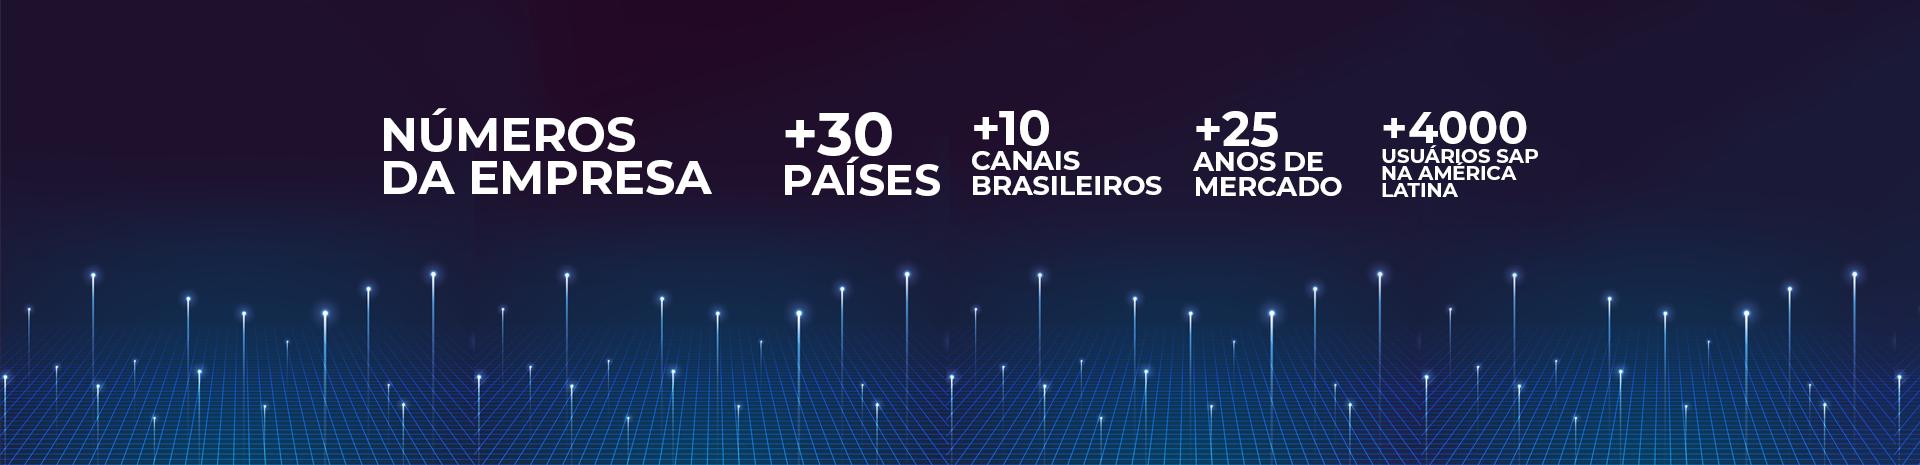 Banner_-_Números_da_Empresa_-_Corrigido